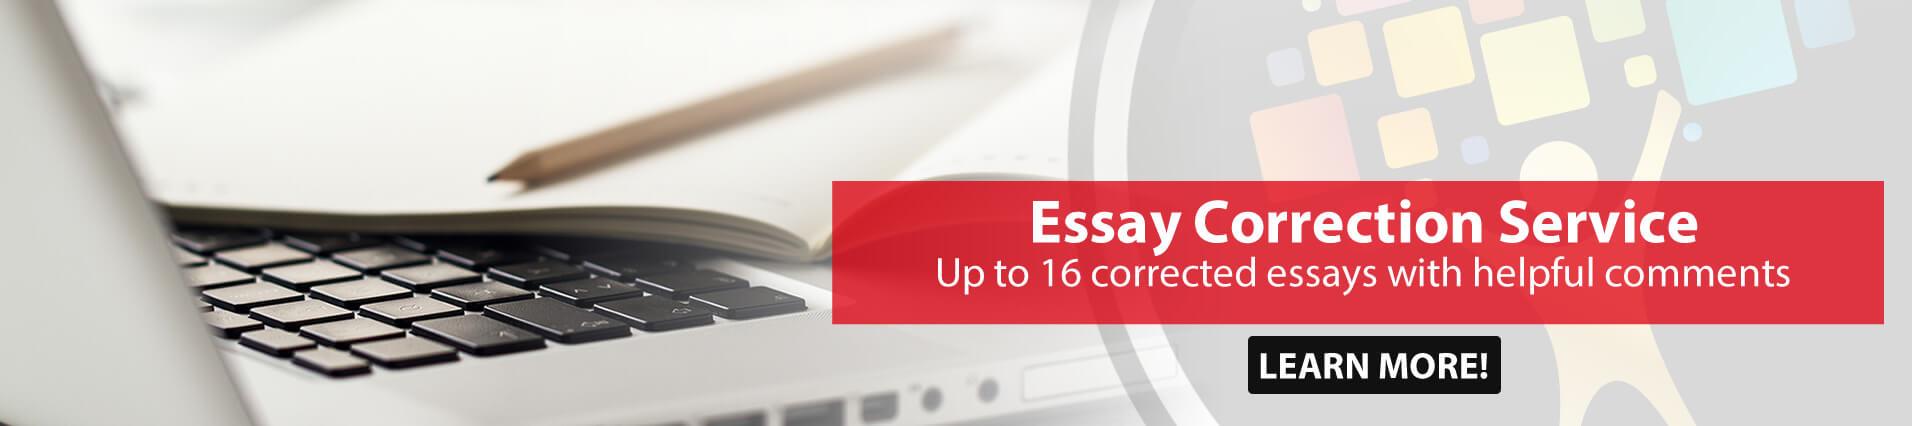 gamsat essay tutor sydney